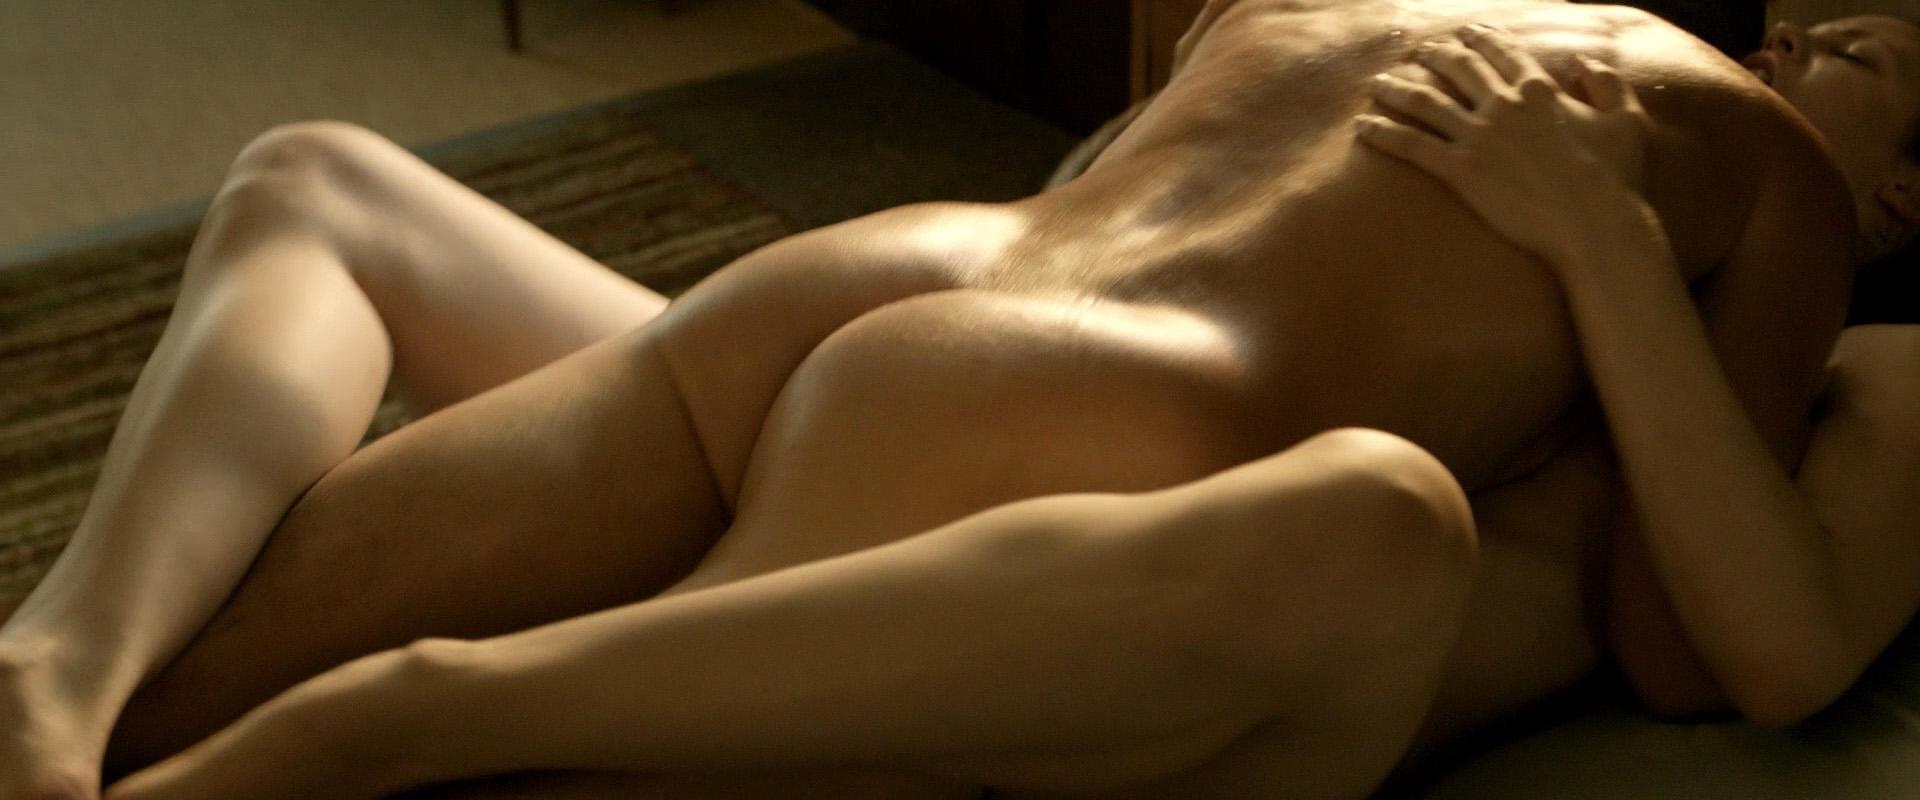 Jessica De Gouw Naked